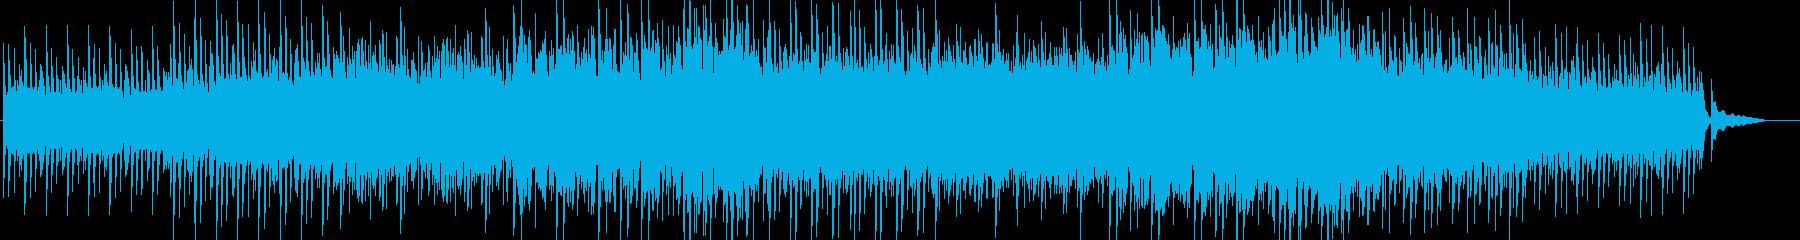 [弦あり]シンプルで洗練された雰囲気の曲の再生済みの波形